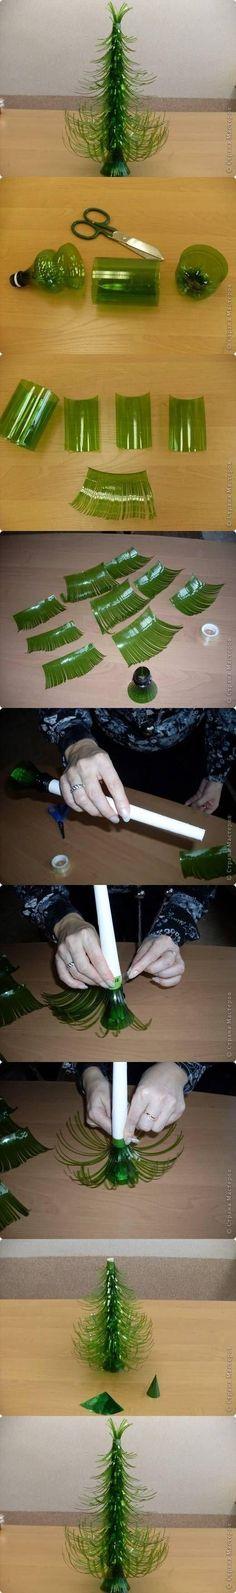 Como hacer árbol de navidad con botellas de plástico de sprite. Como las botellas de sprite son verdes, no hace falta pintarlas para que parezcan árboles.